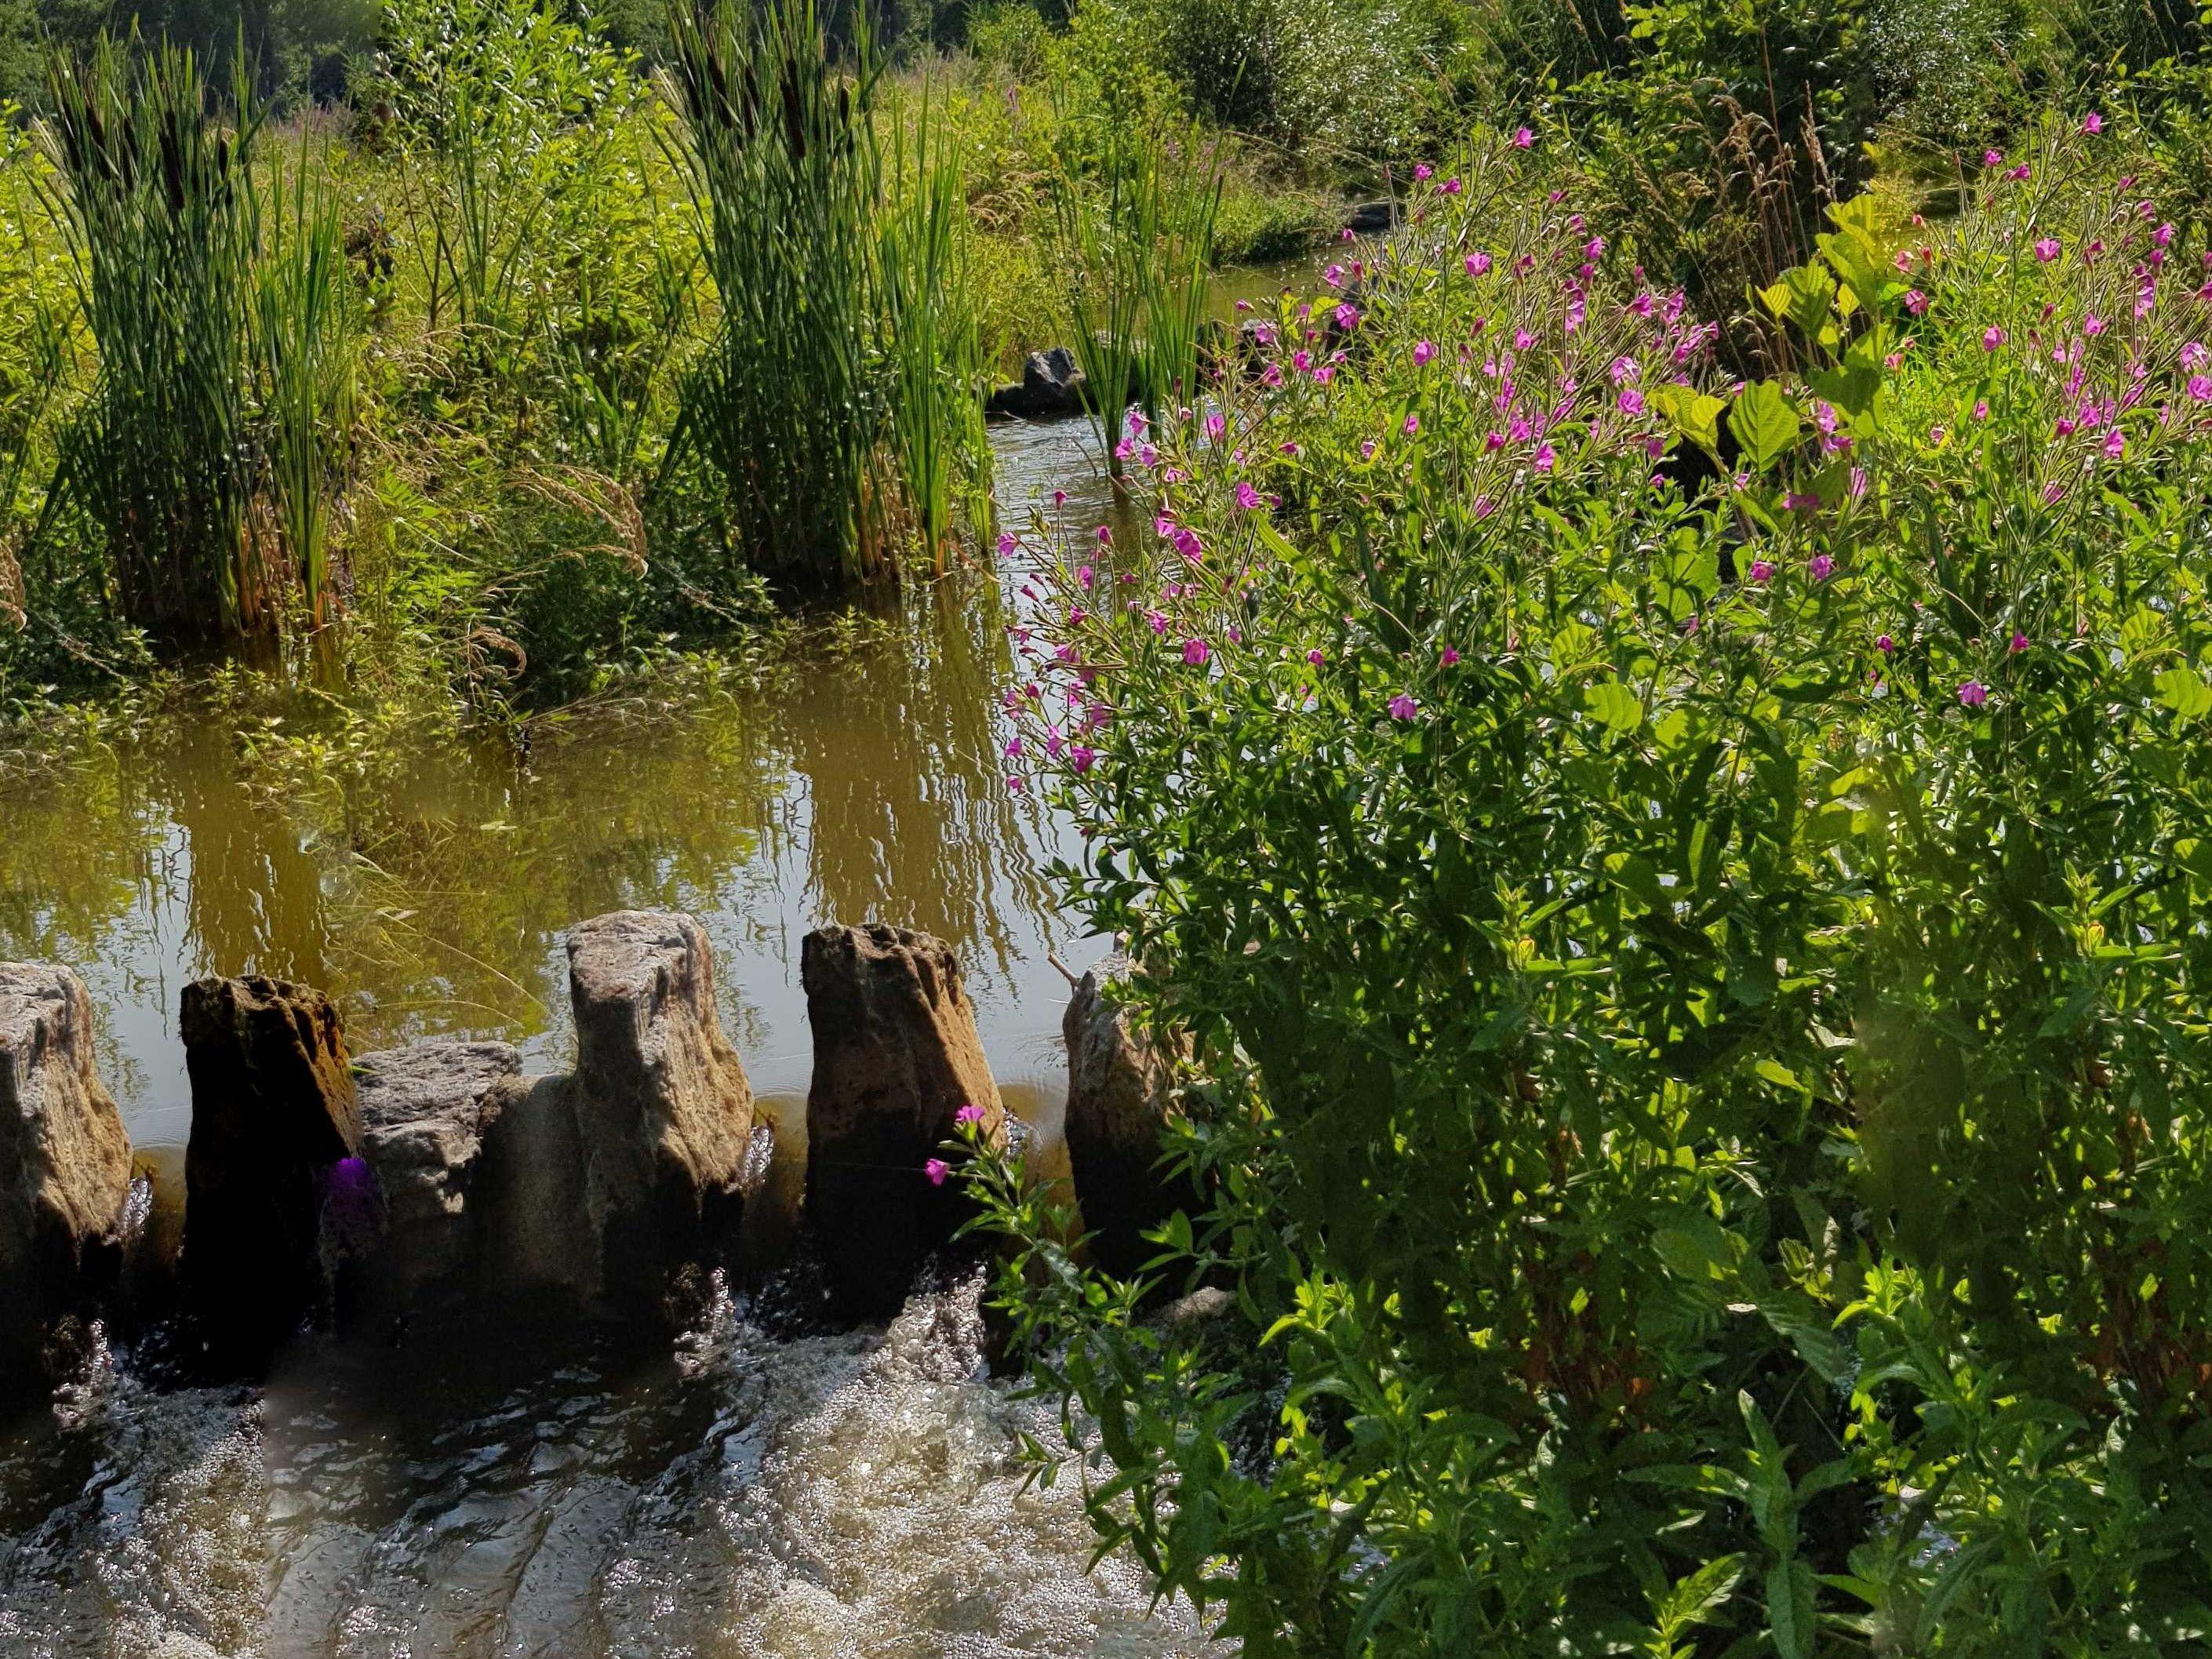 Ministr Brabec v jižních Čechách: Obcím i krajině vracíme vodu